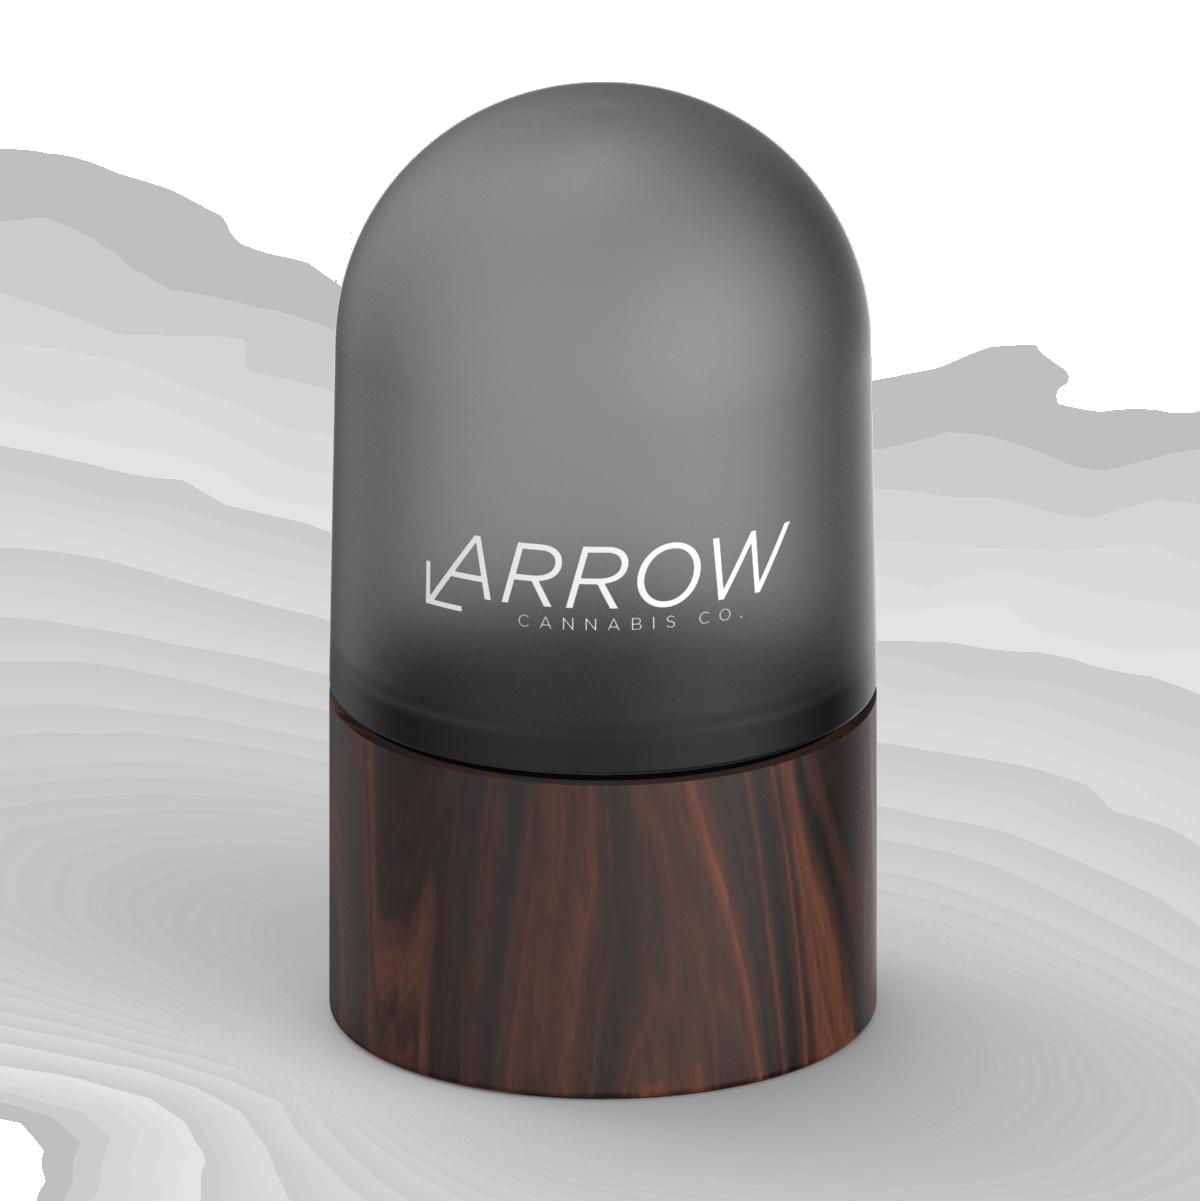 070220_PG_Render_Dome__Arrow